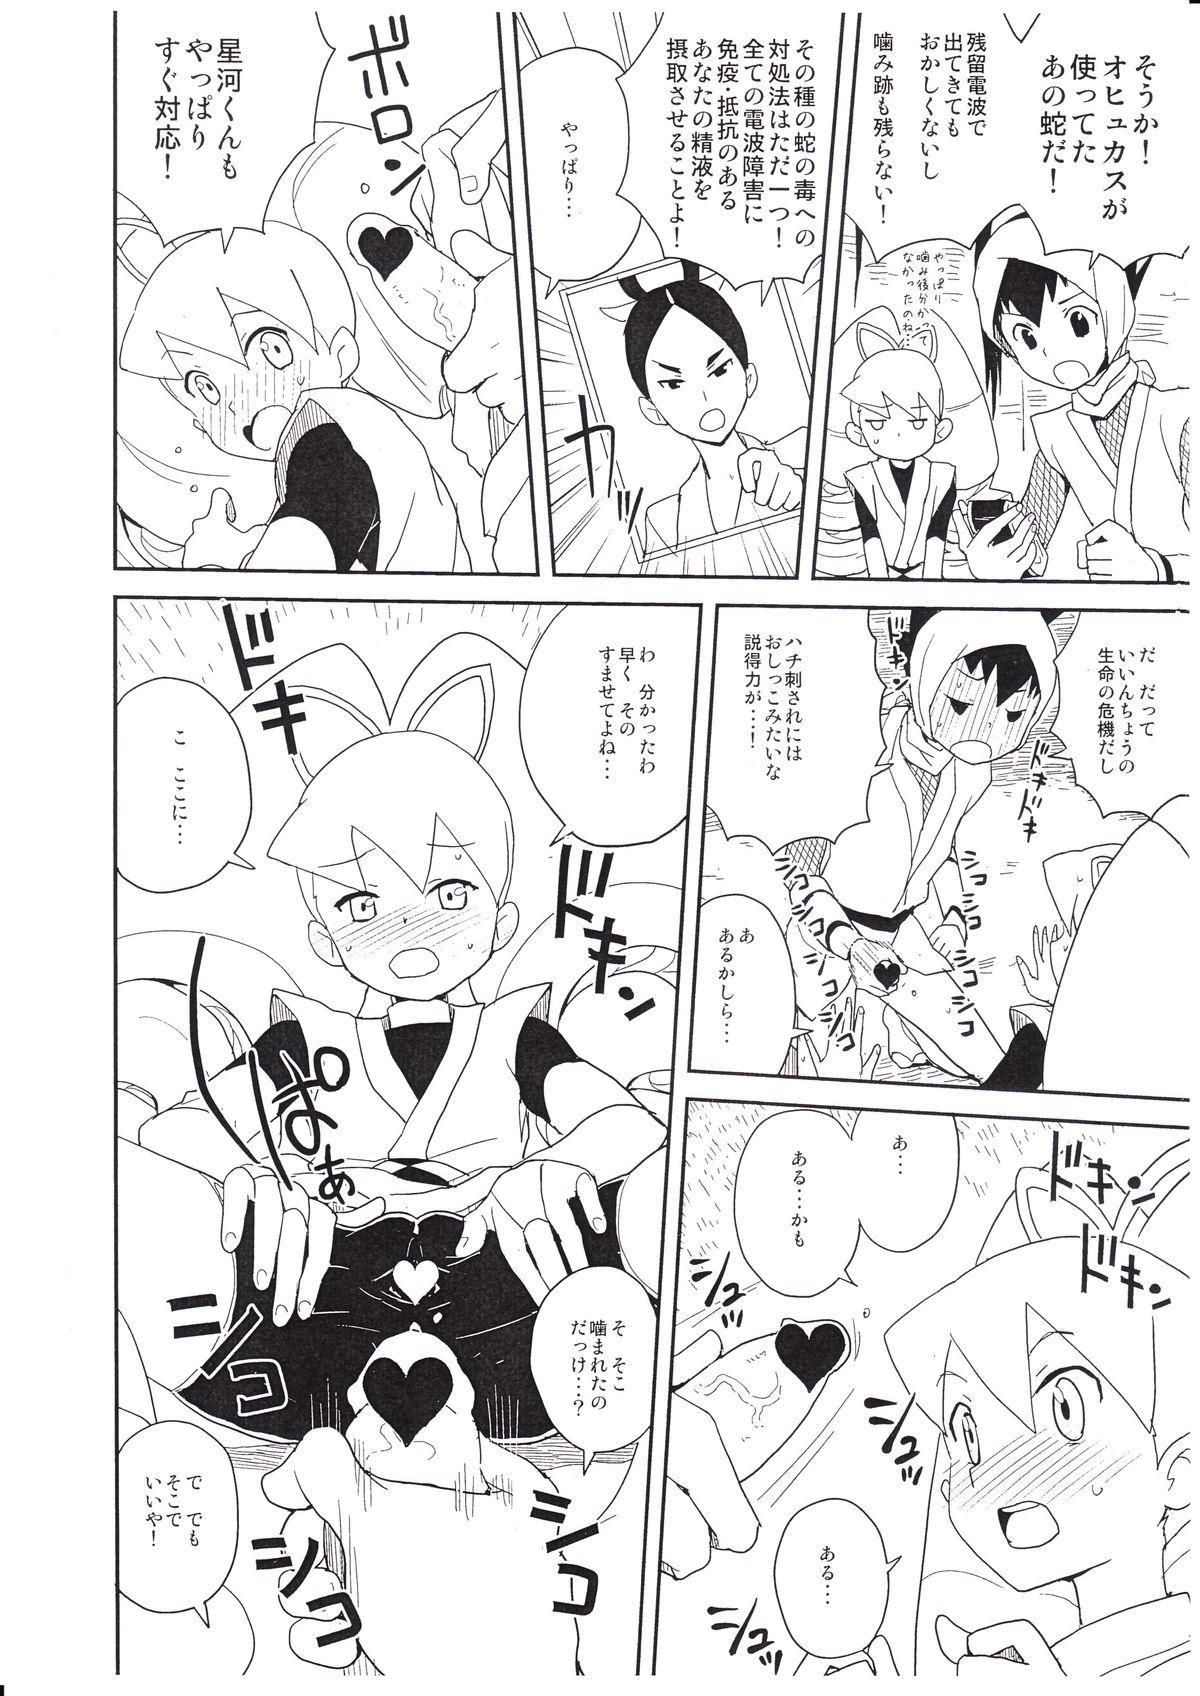 10nen no FuyuComi no 4